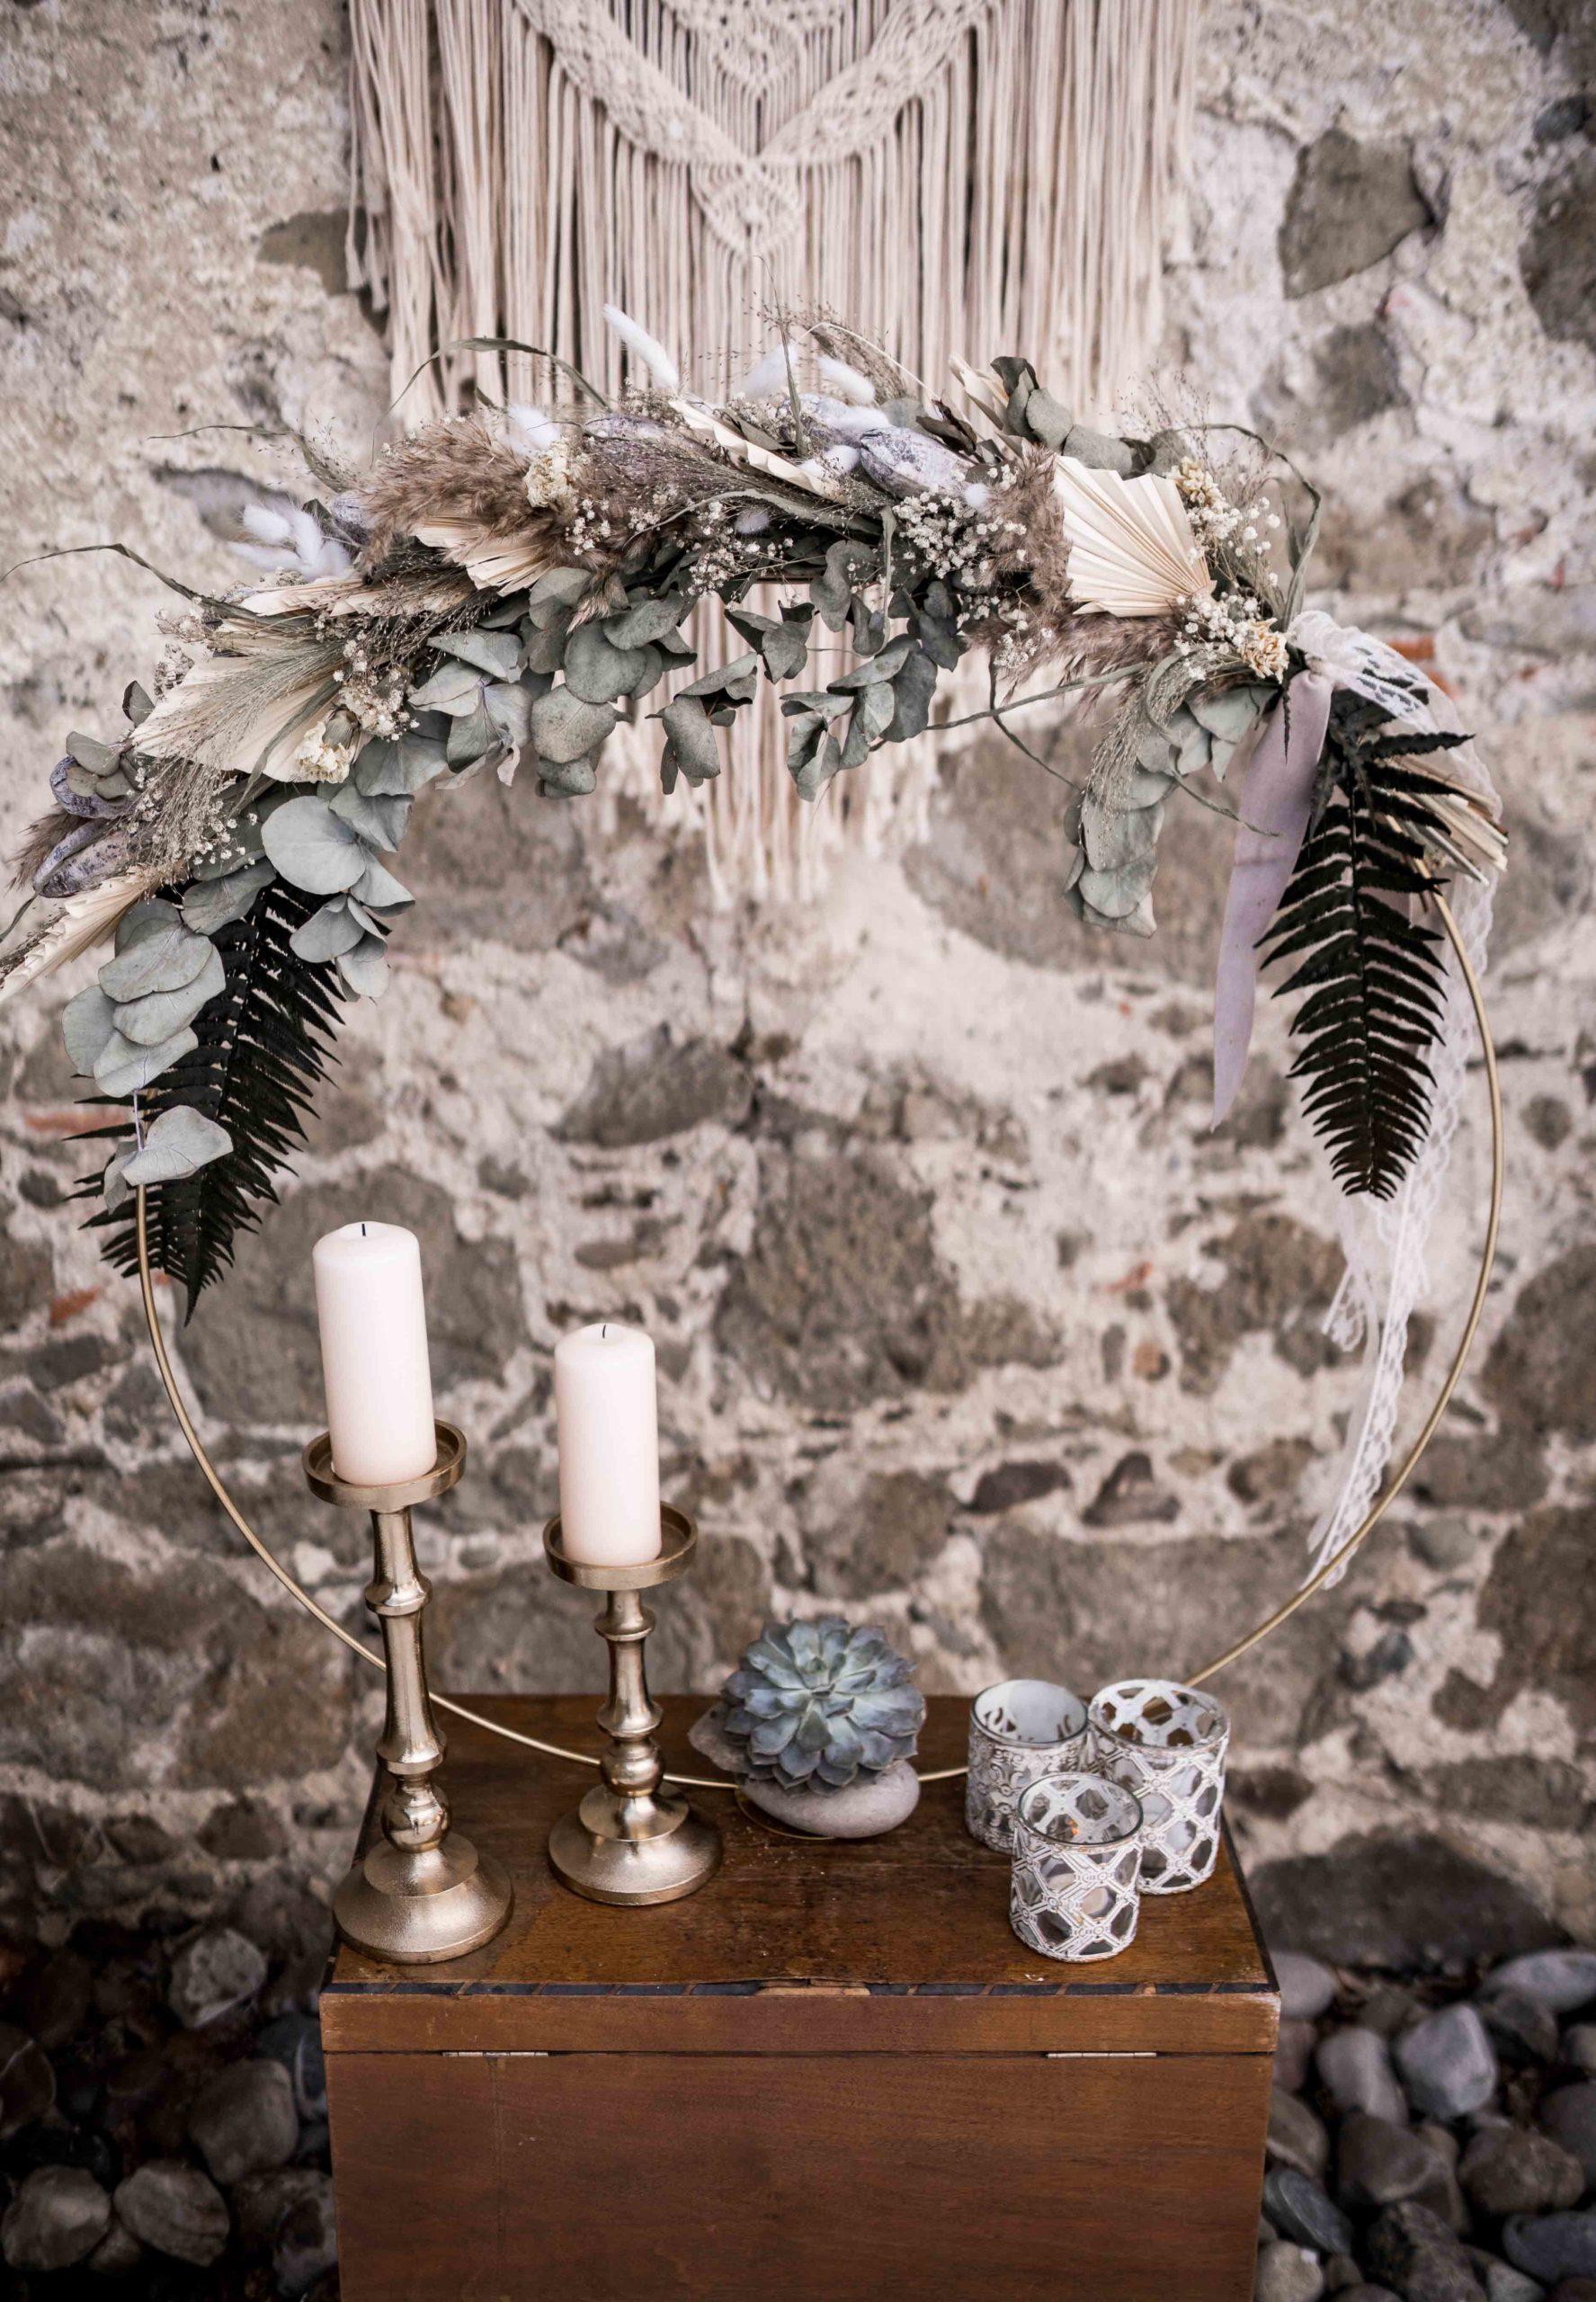 noni Brautmode, Styled Shoot, Dekoration aus Trockenblumen, Kerzenständern und Teelichten